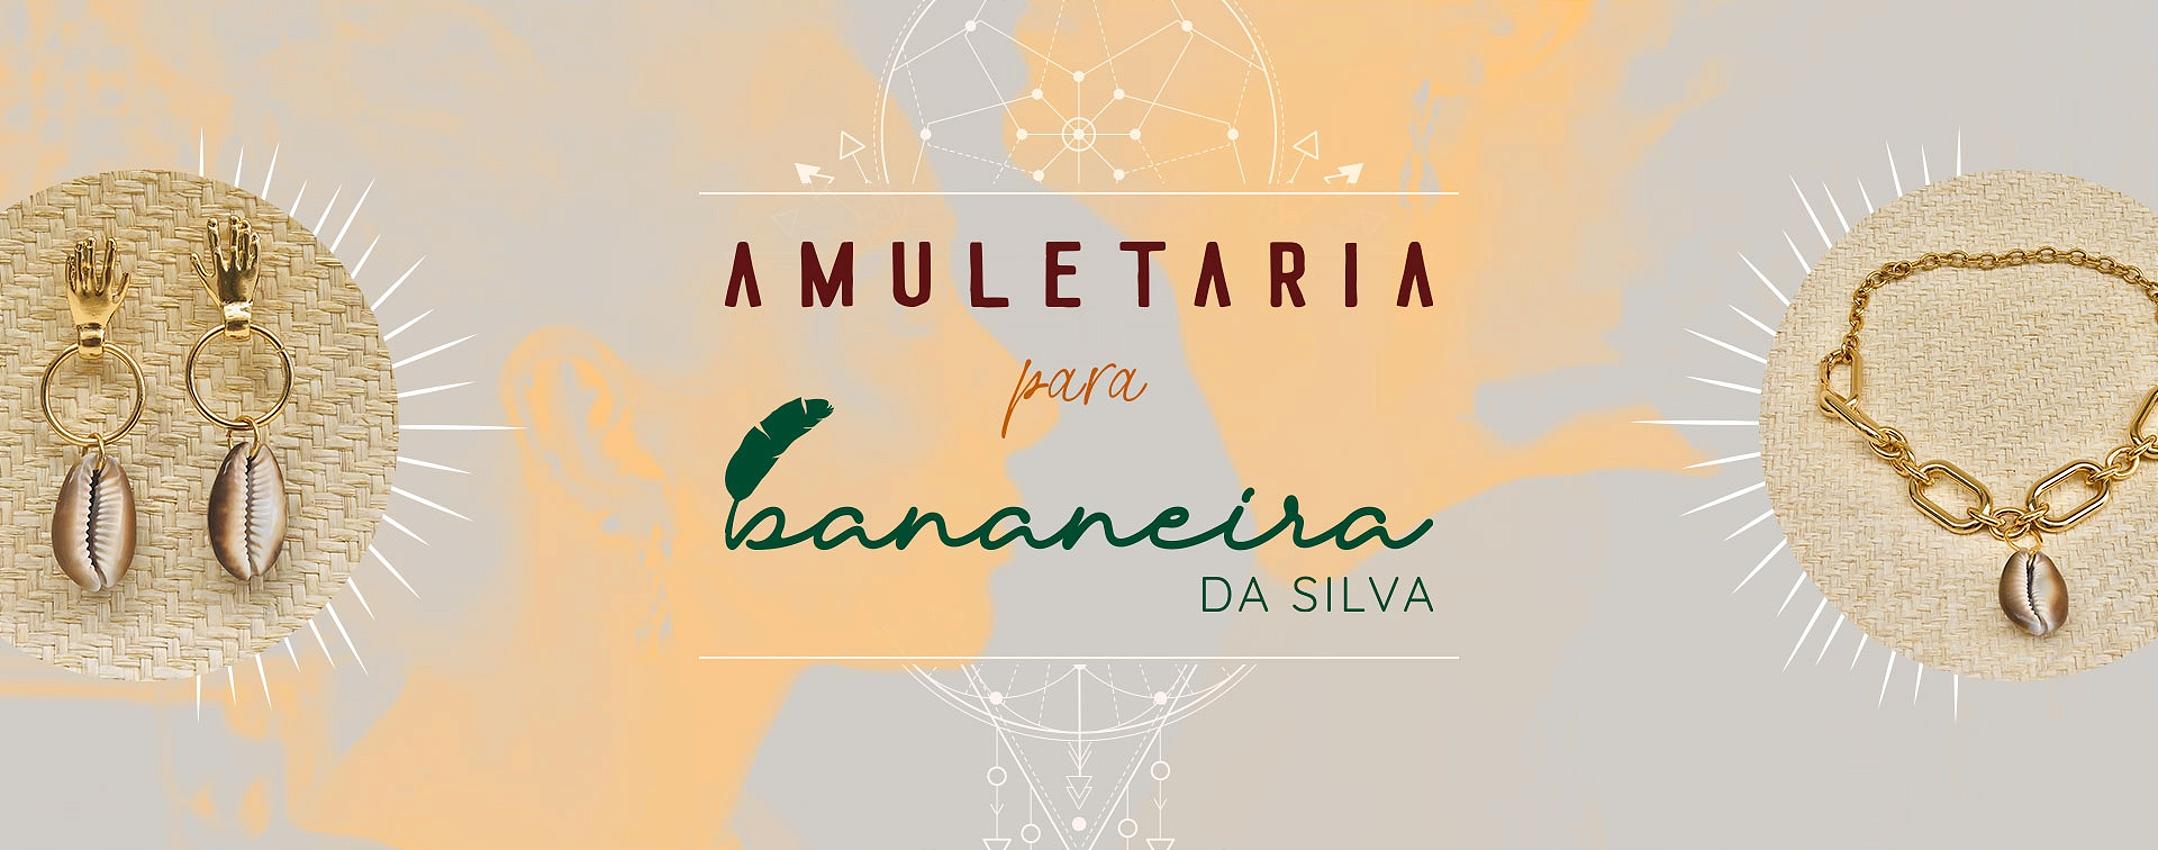 Bananeira+Amuletaria